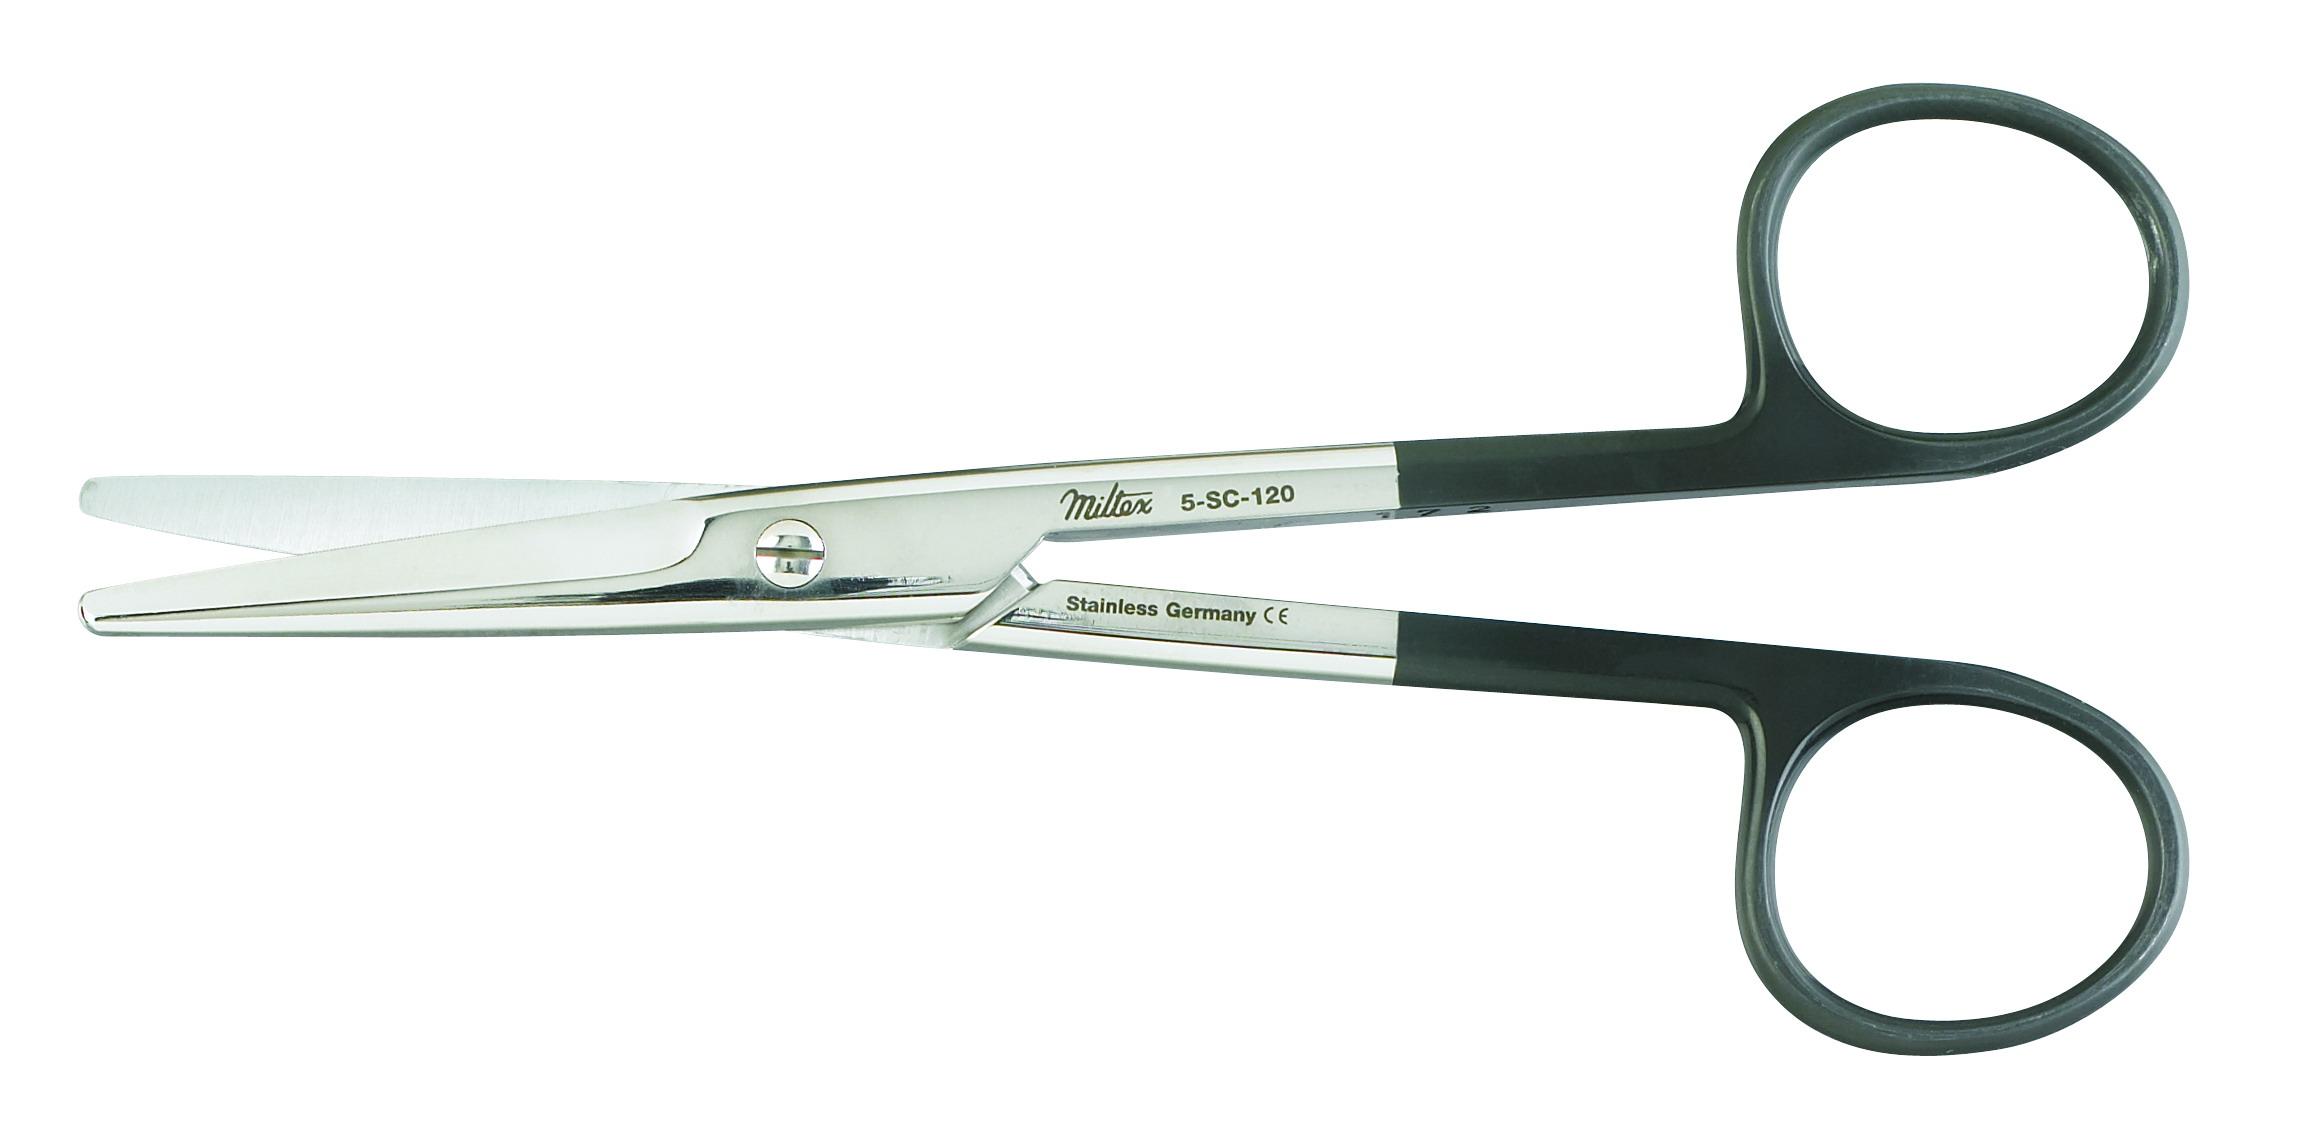 miltex-supercut-mayo-scissors-5-1-2-14-cm-straight-5-sc-120-miltex.jpg